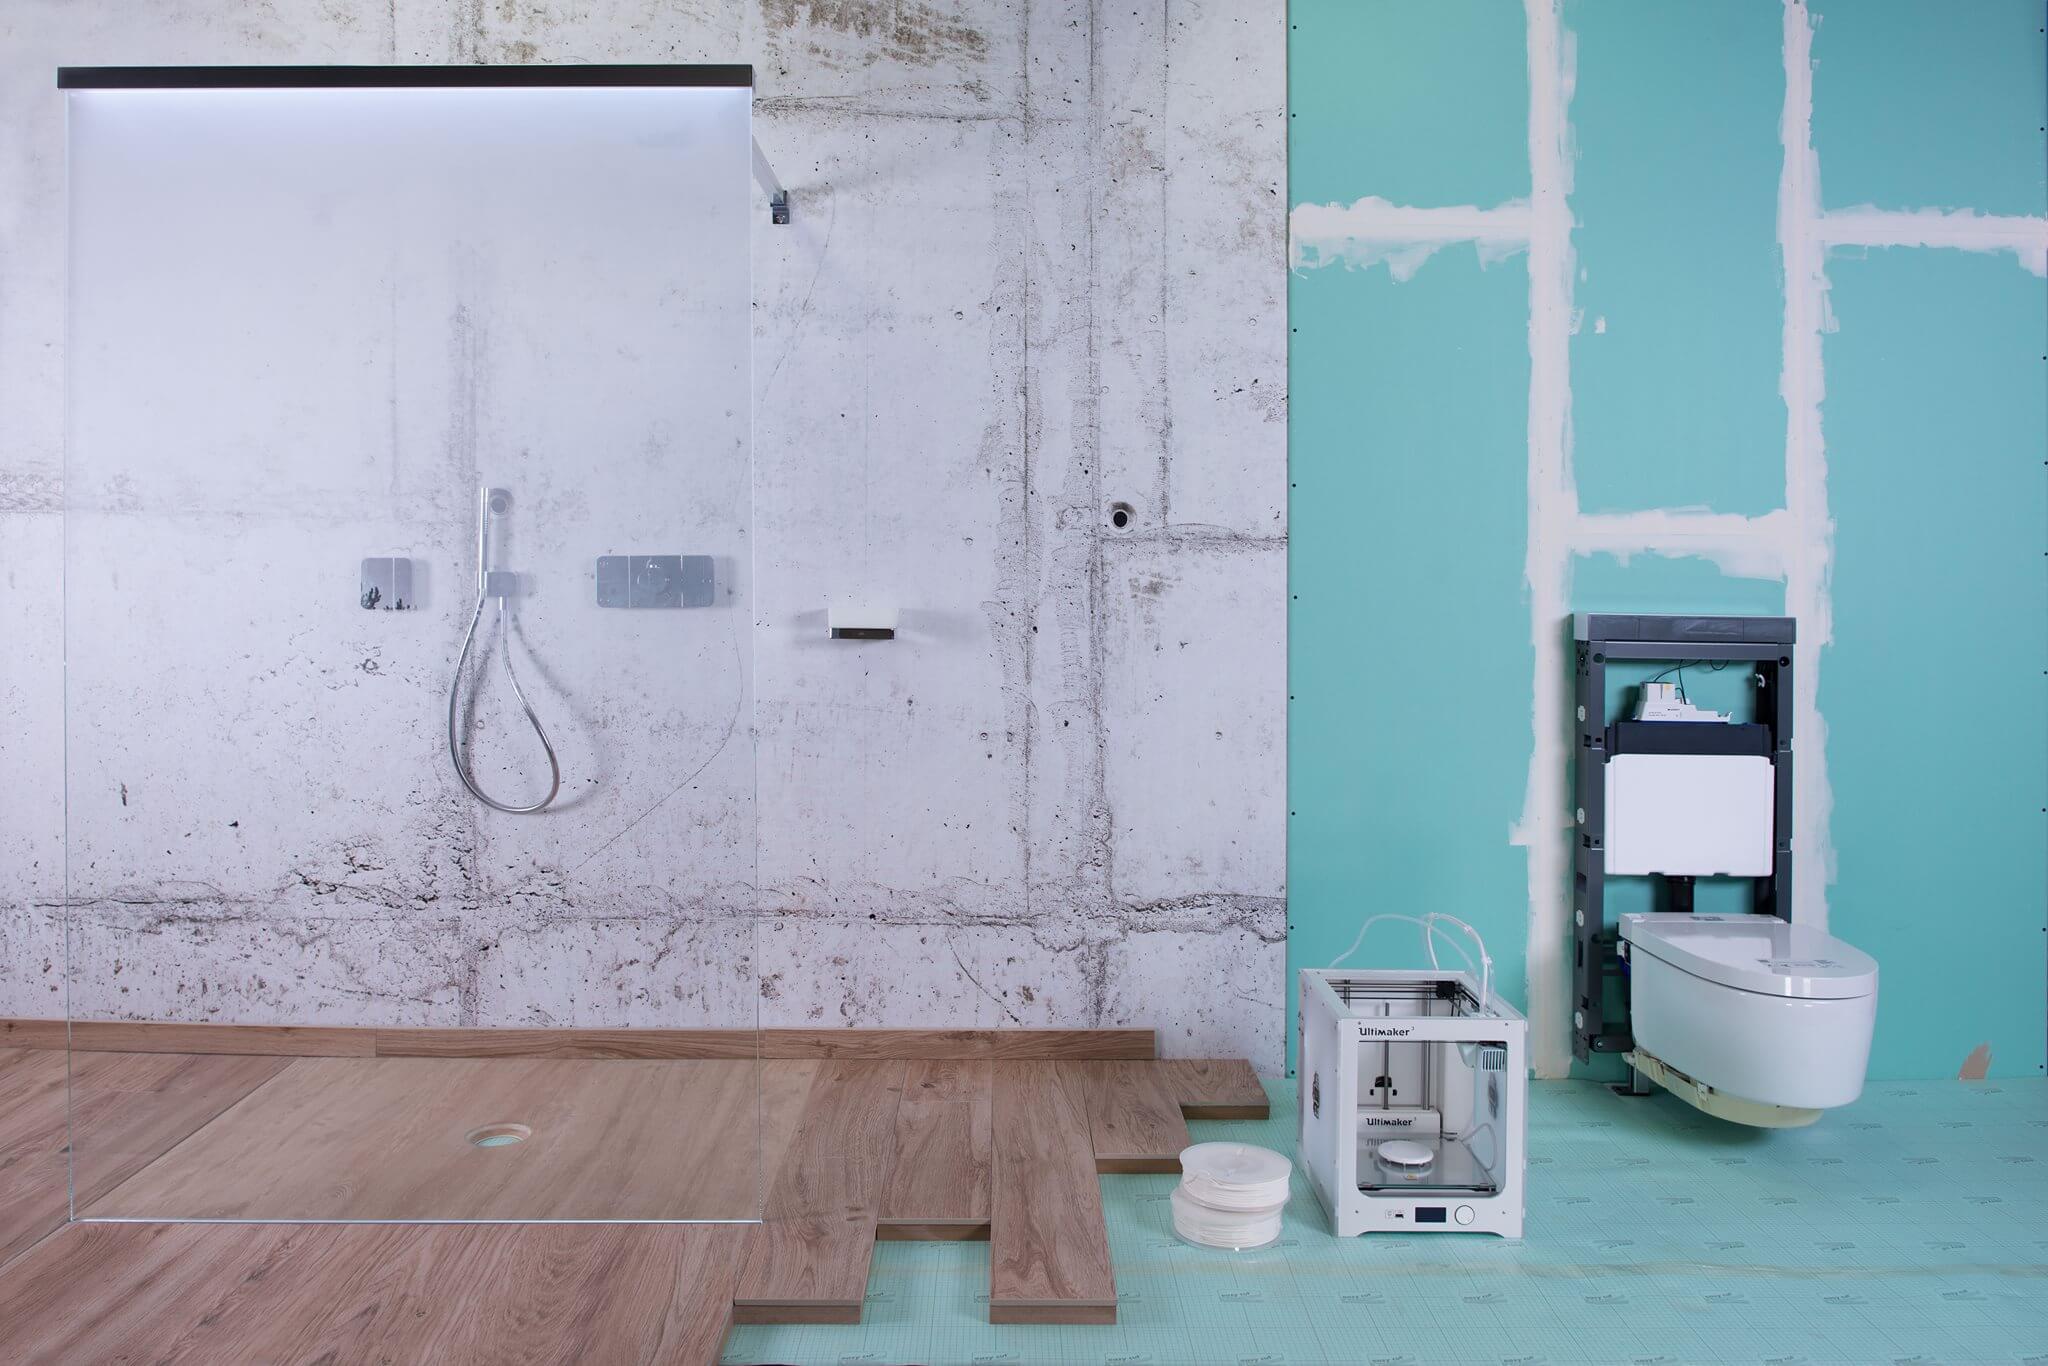 Pop up my Bathroom zeigt den Aufbruch des Bades in Richtung Customizing bei Industrie und Handwerk: Neben einem stetigen Innovationsschub aus dem Bereich Digitalisierung und Impulsen aus dem 3D-Druck wird das Innovative Bathroom neue Nutzungsmöglichkeiten erfüllen müssen – sowohl in großen als auch in kleineren Bädern.